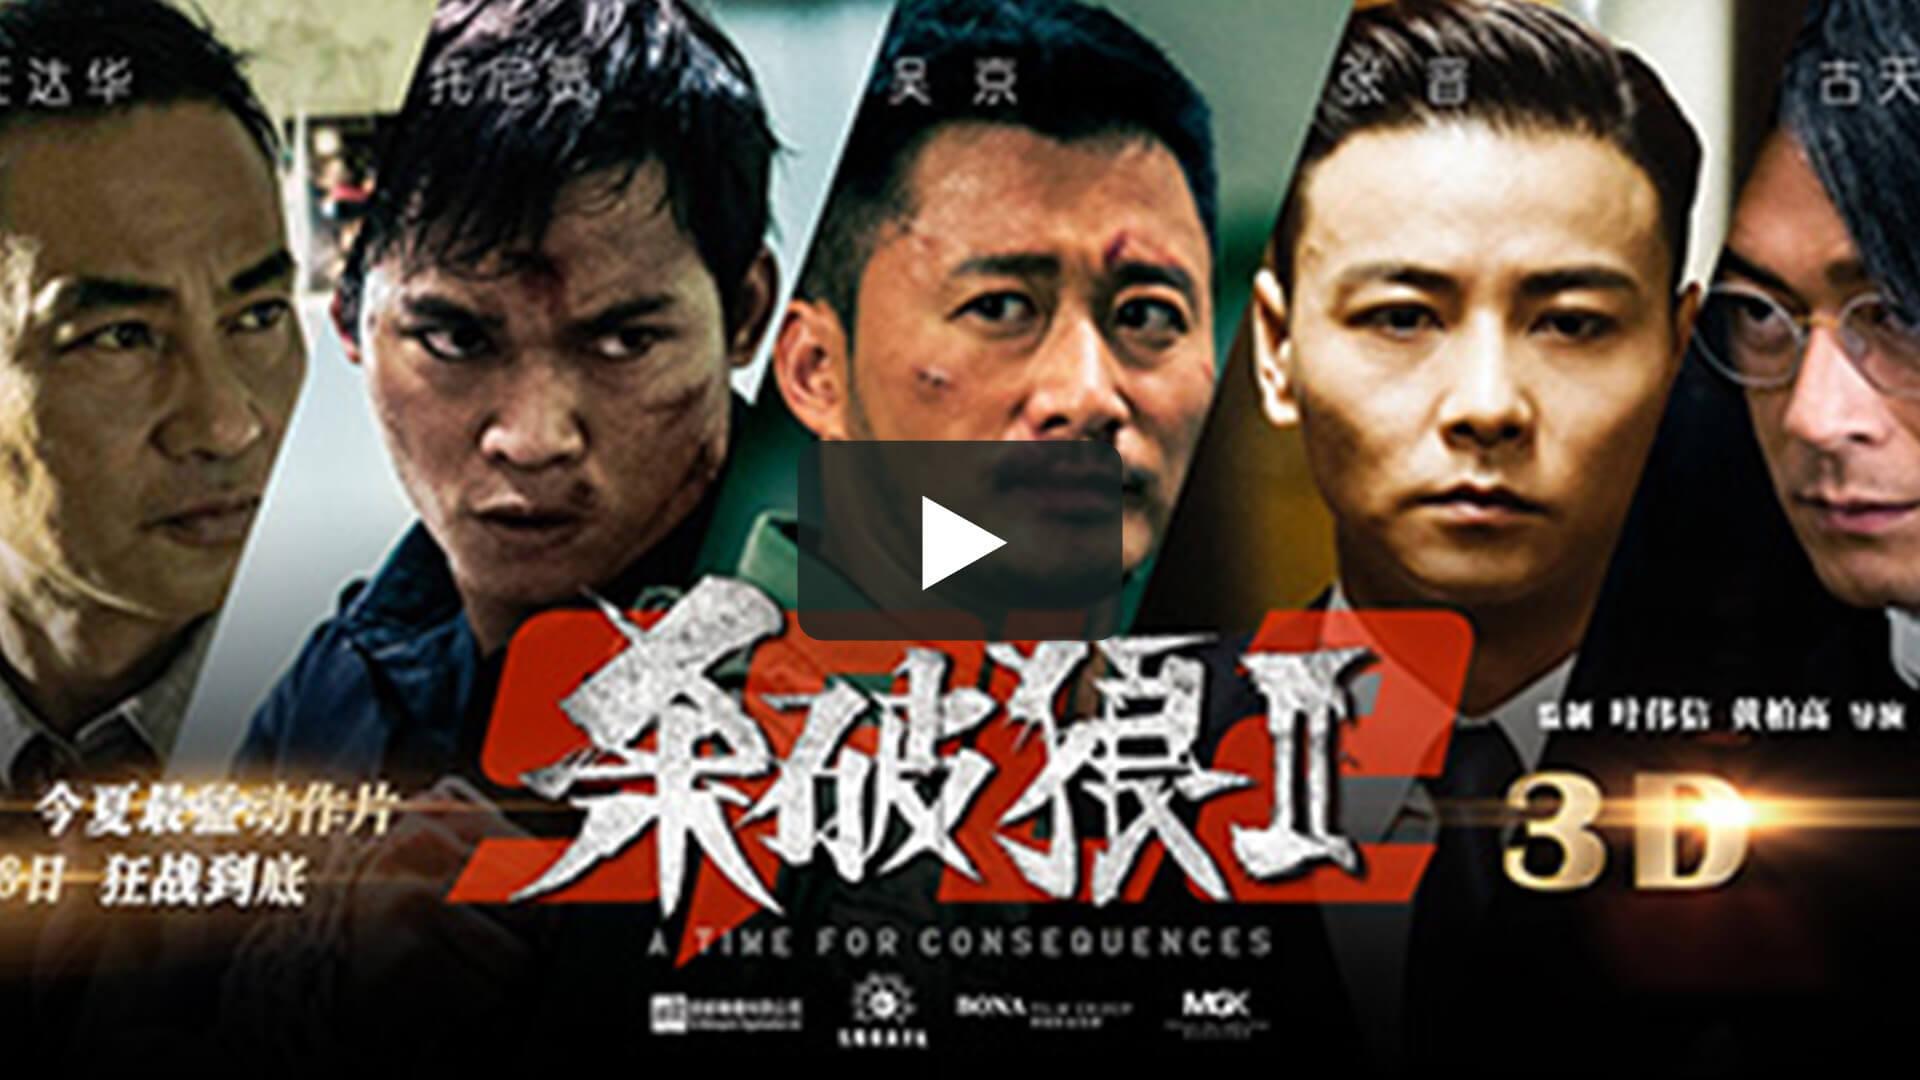 殺破狼2 -  SPL II: A Time for Consequences